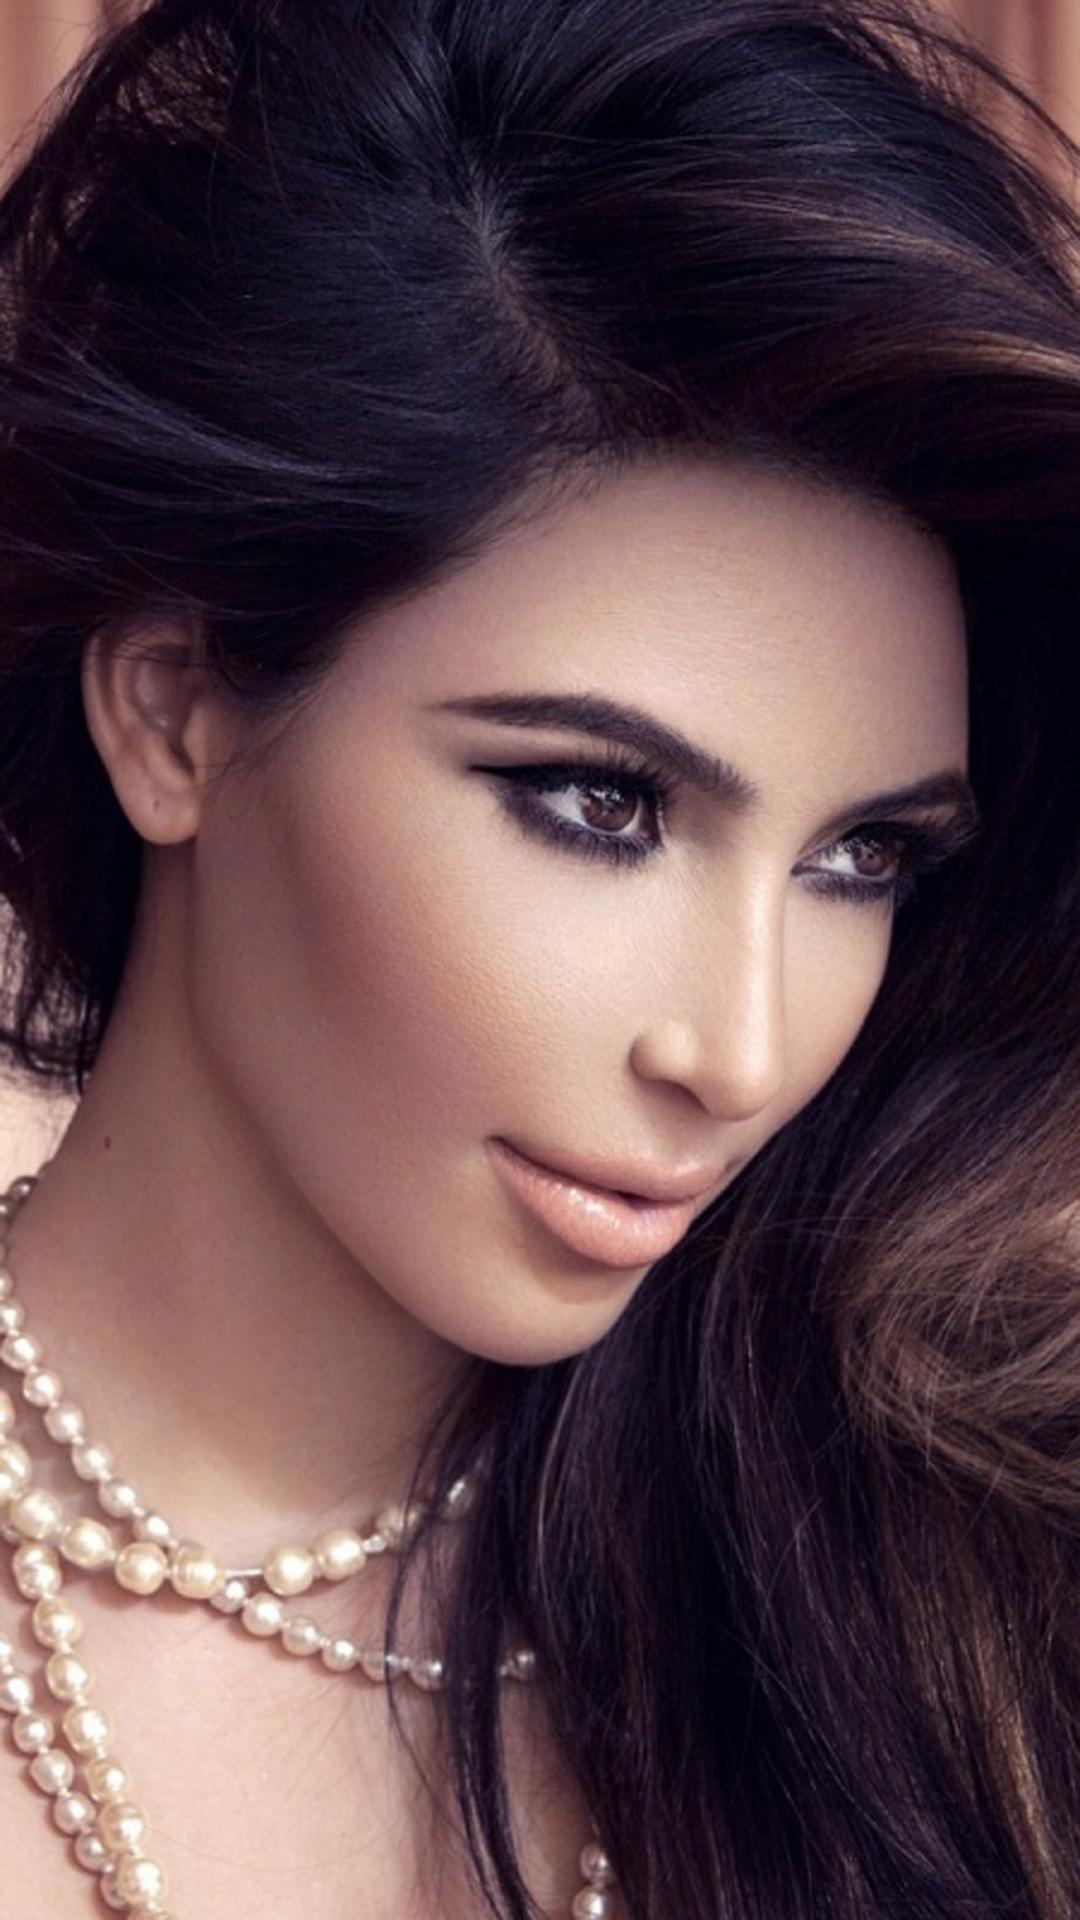 Kim Kardashian htc one wallpaper